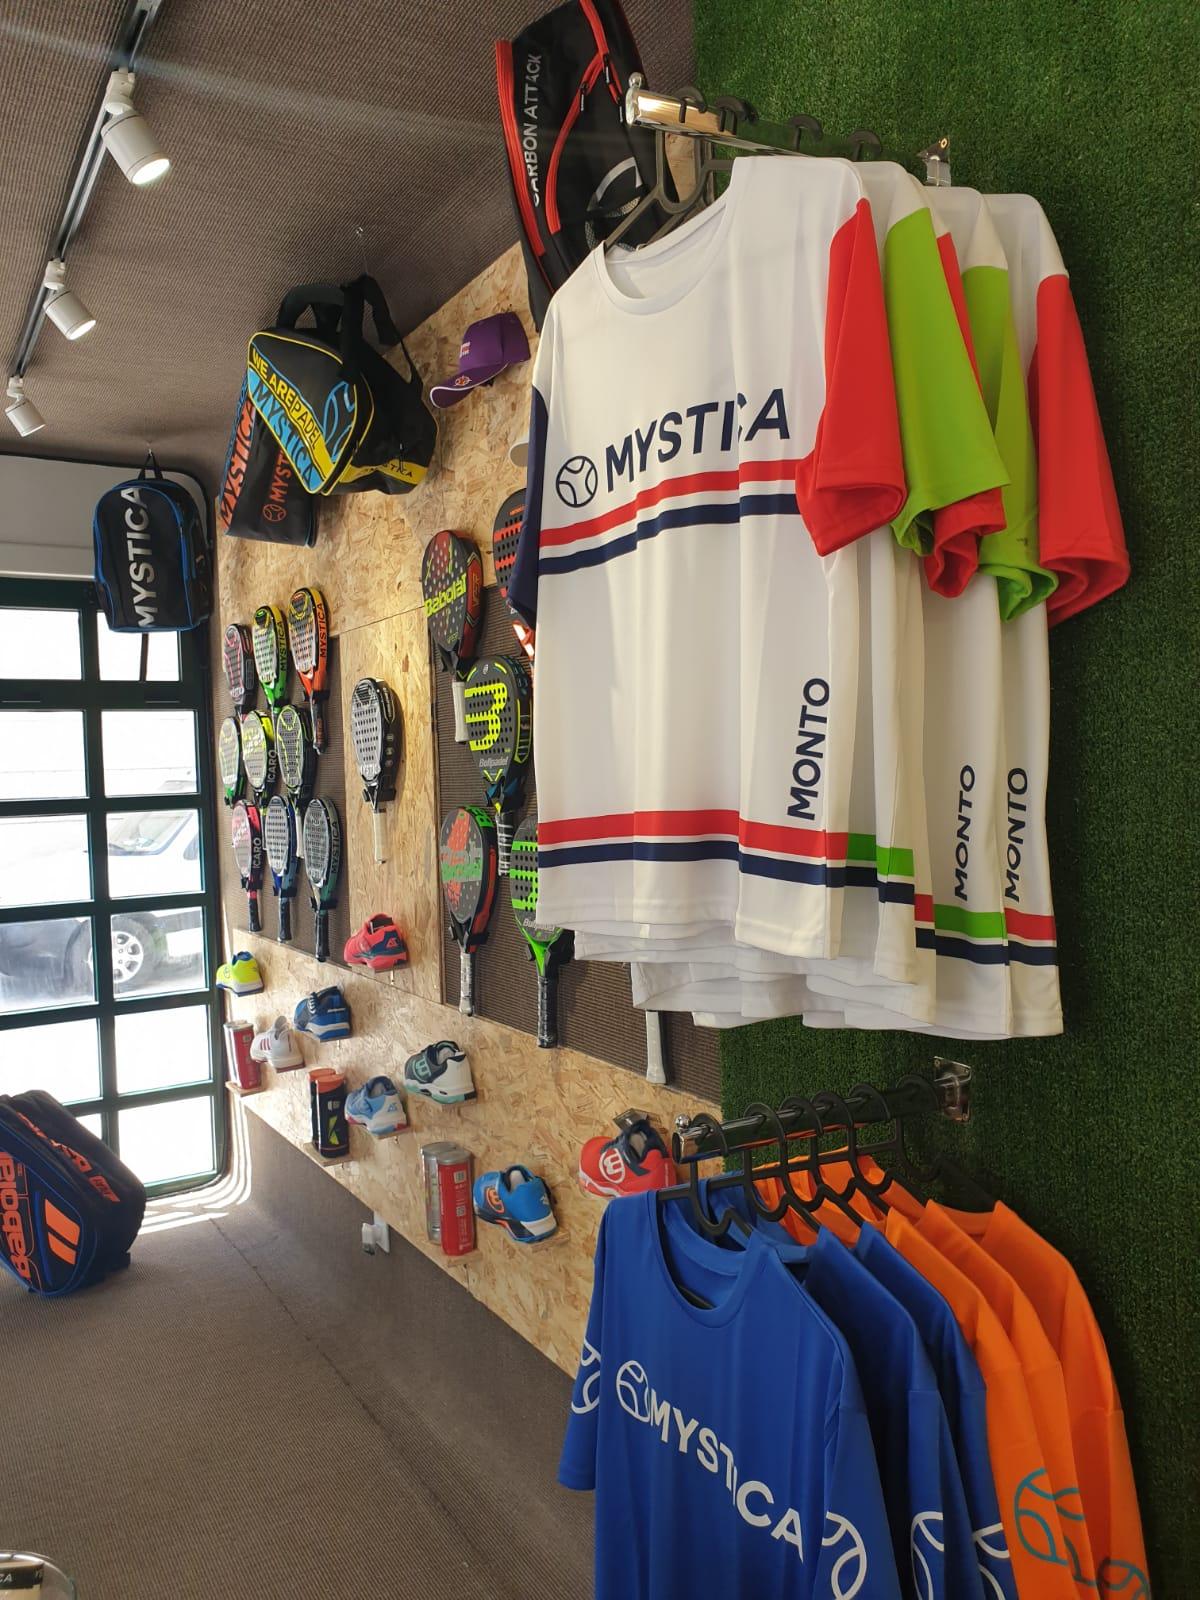 La nueva tienda La Dormilona, punto de venta de Mystica.